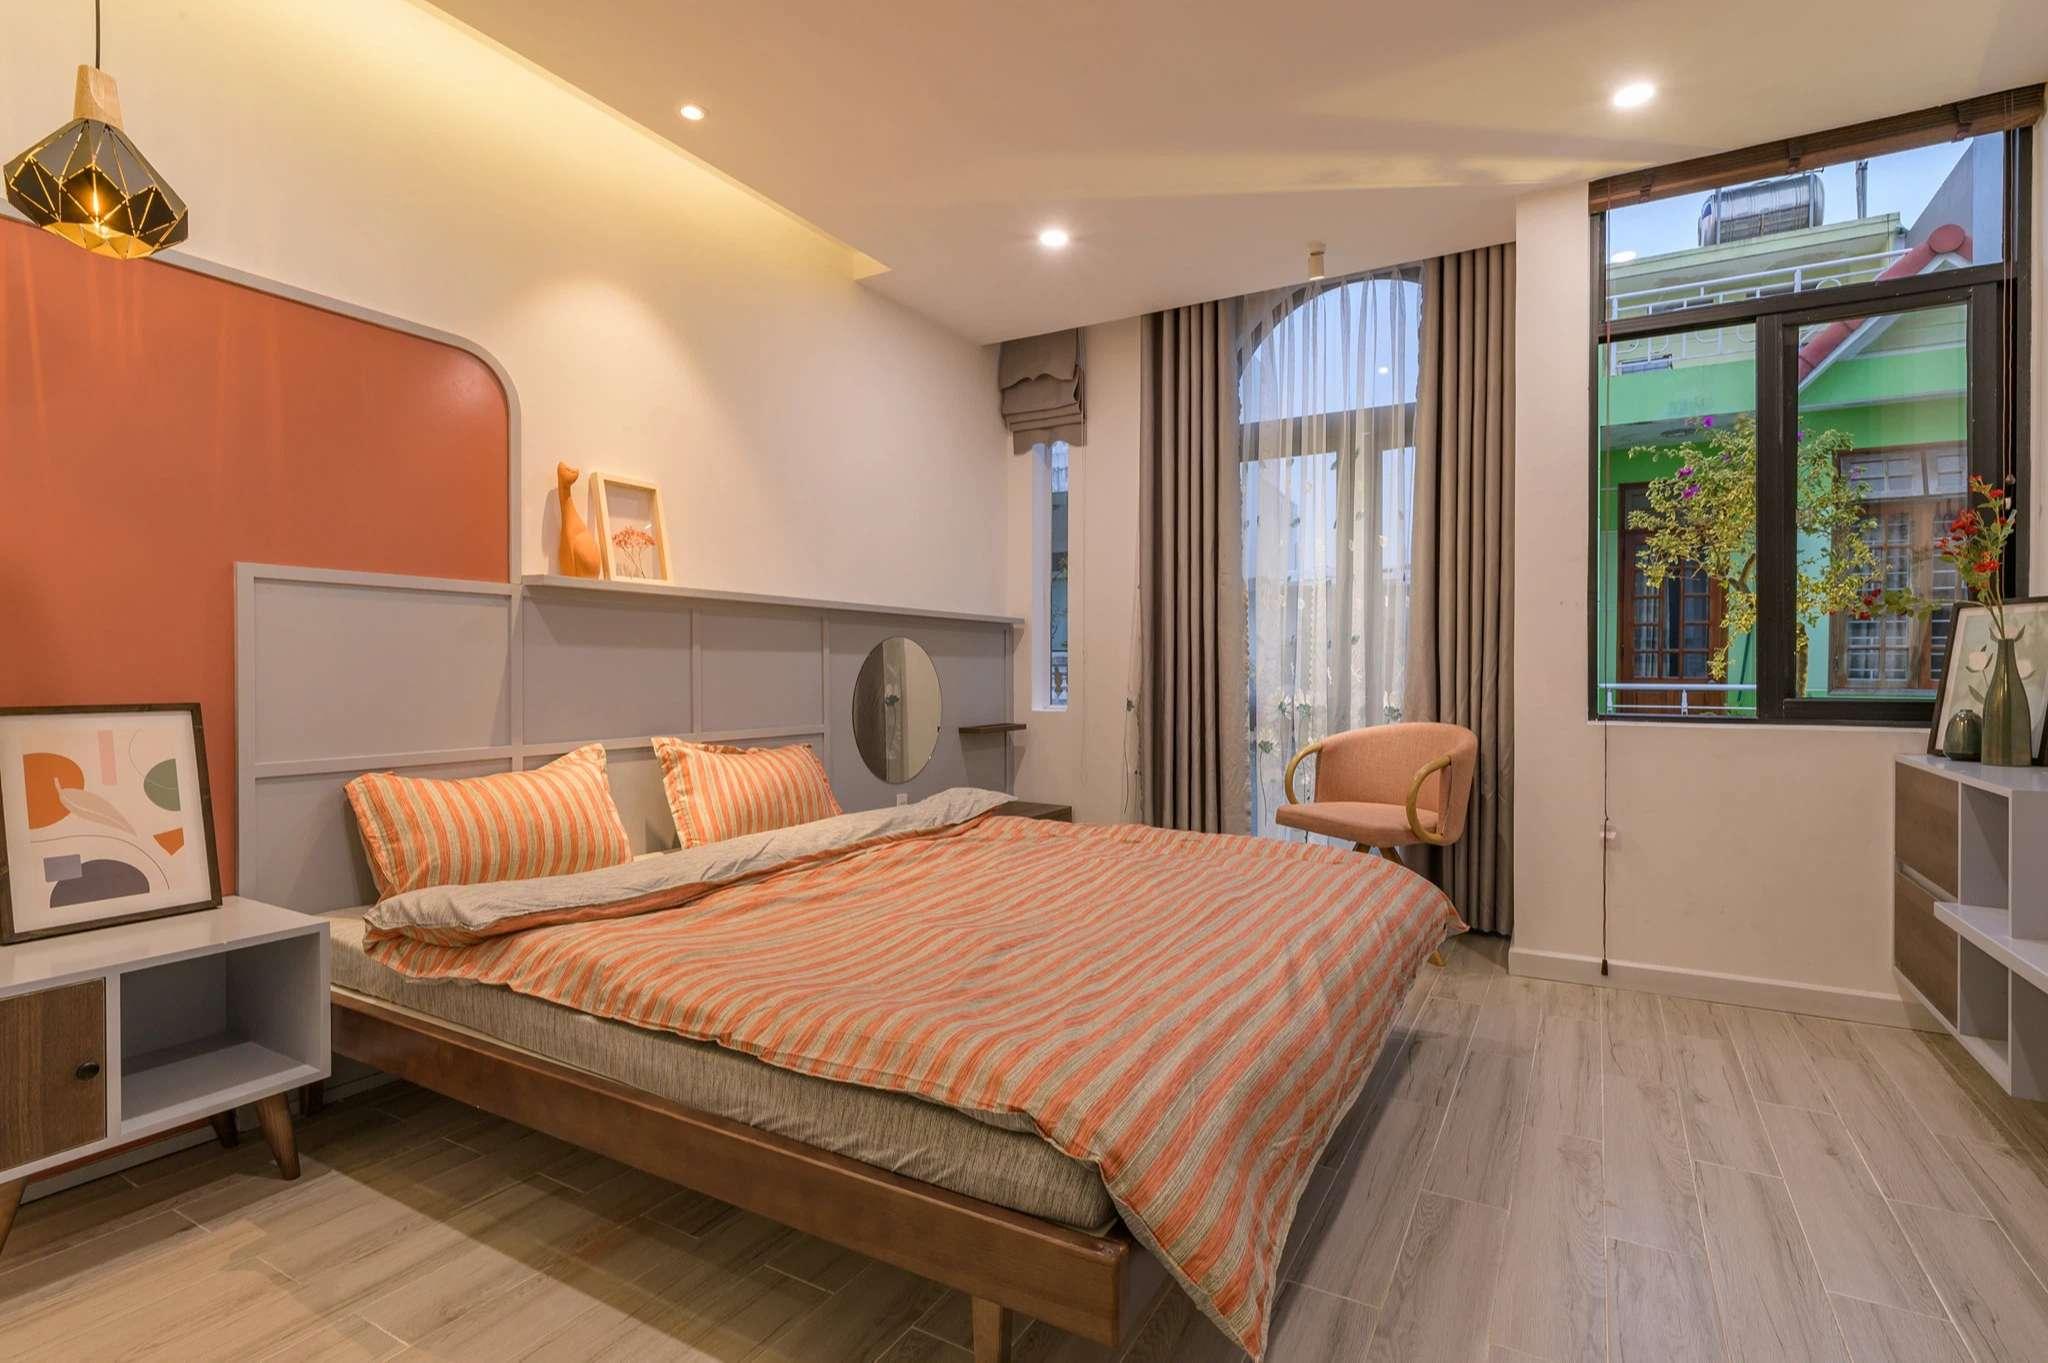 Phòng ngủ rộng rãi, đầy đủ công năng - 1